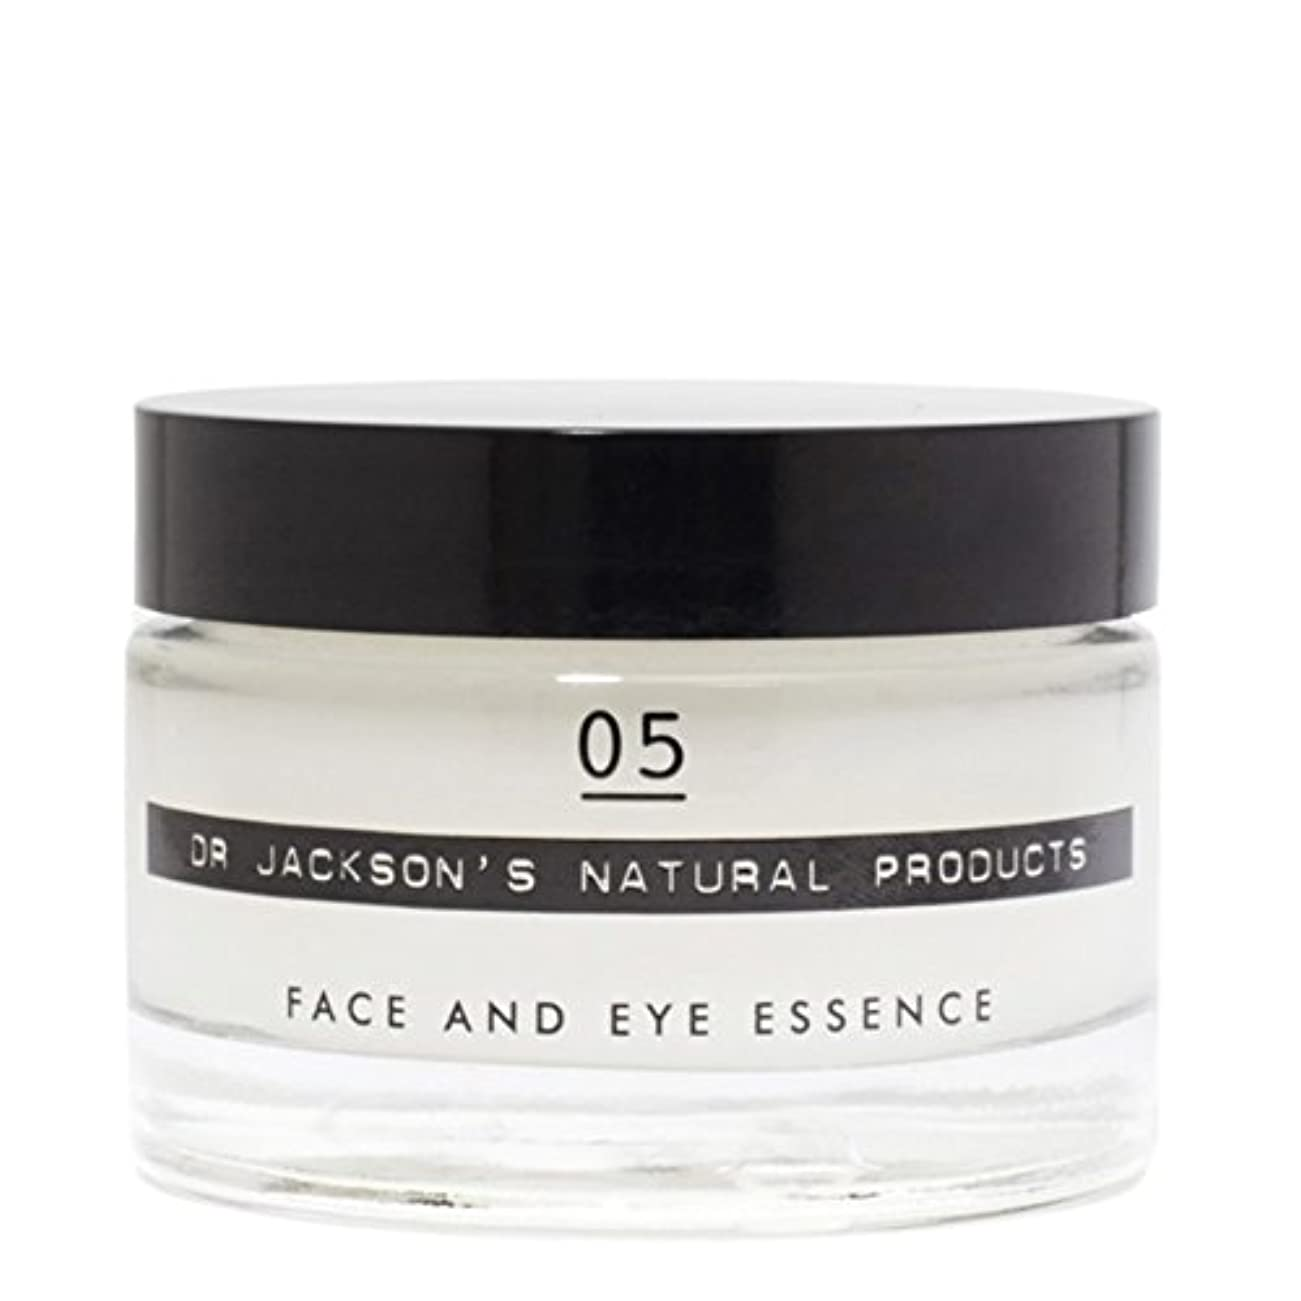 飼料ささやき彼自身Dr Jackson's 05 Face and Eye Essence 50ml (Pack of 6) - ジャクソンの05顔や目の本質50ミリリットル x6 [並行輸入品]